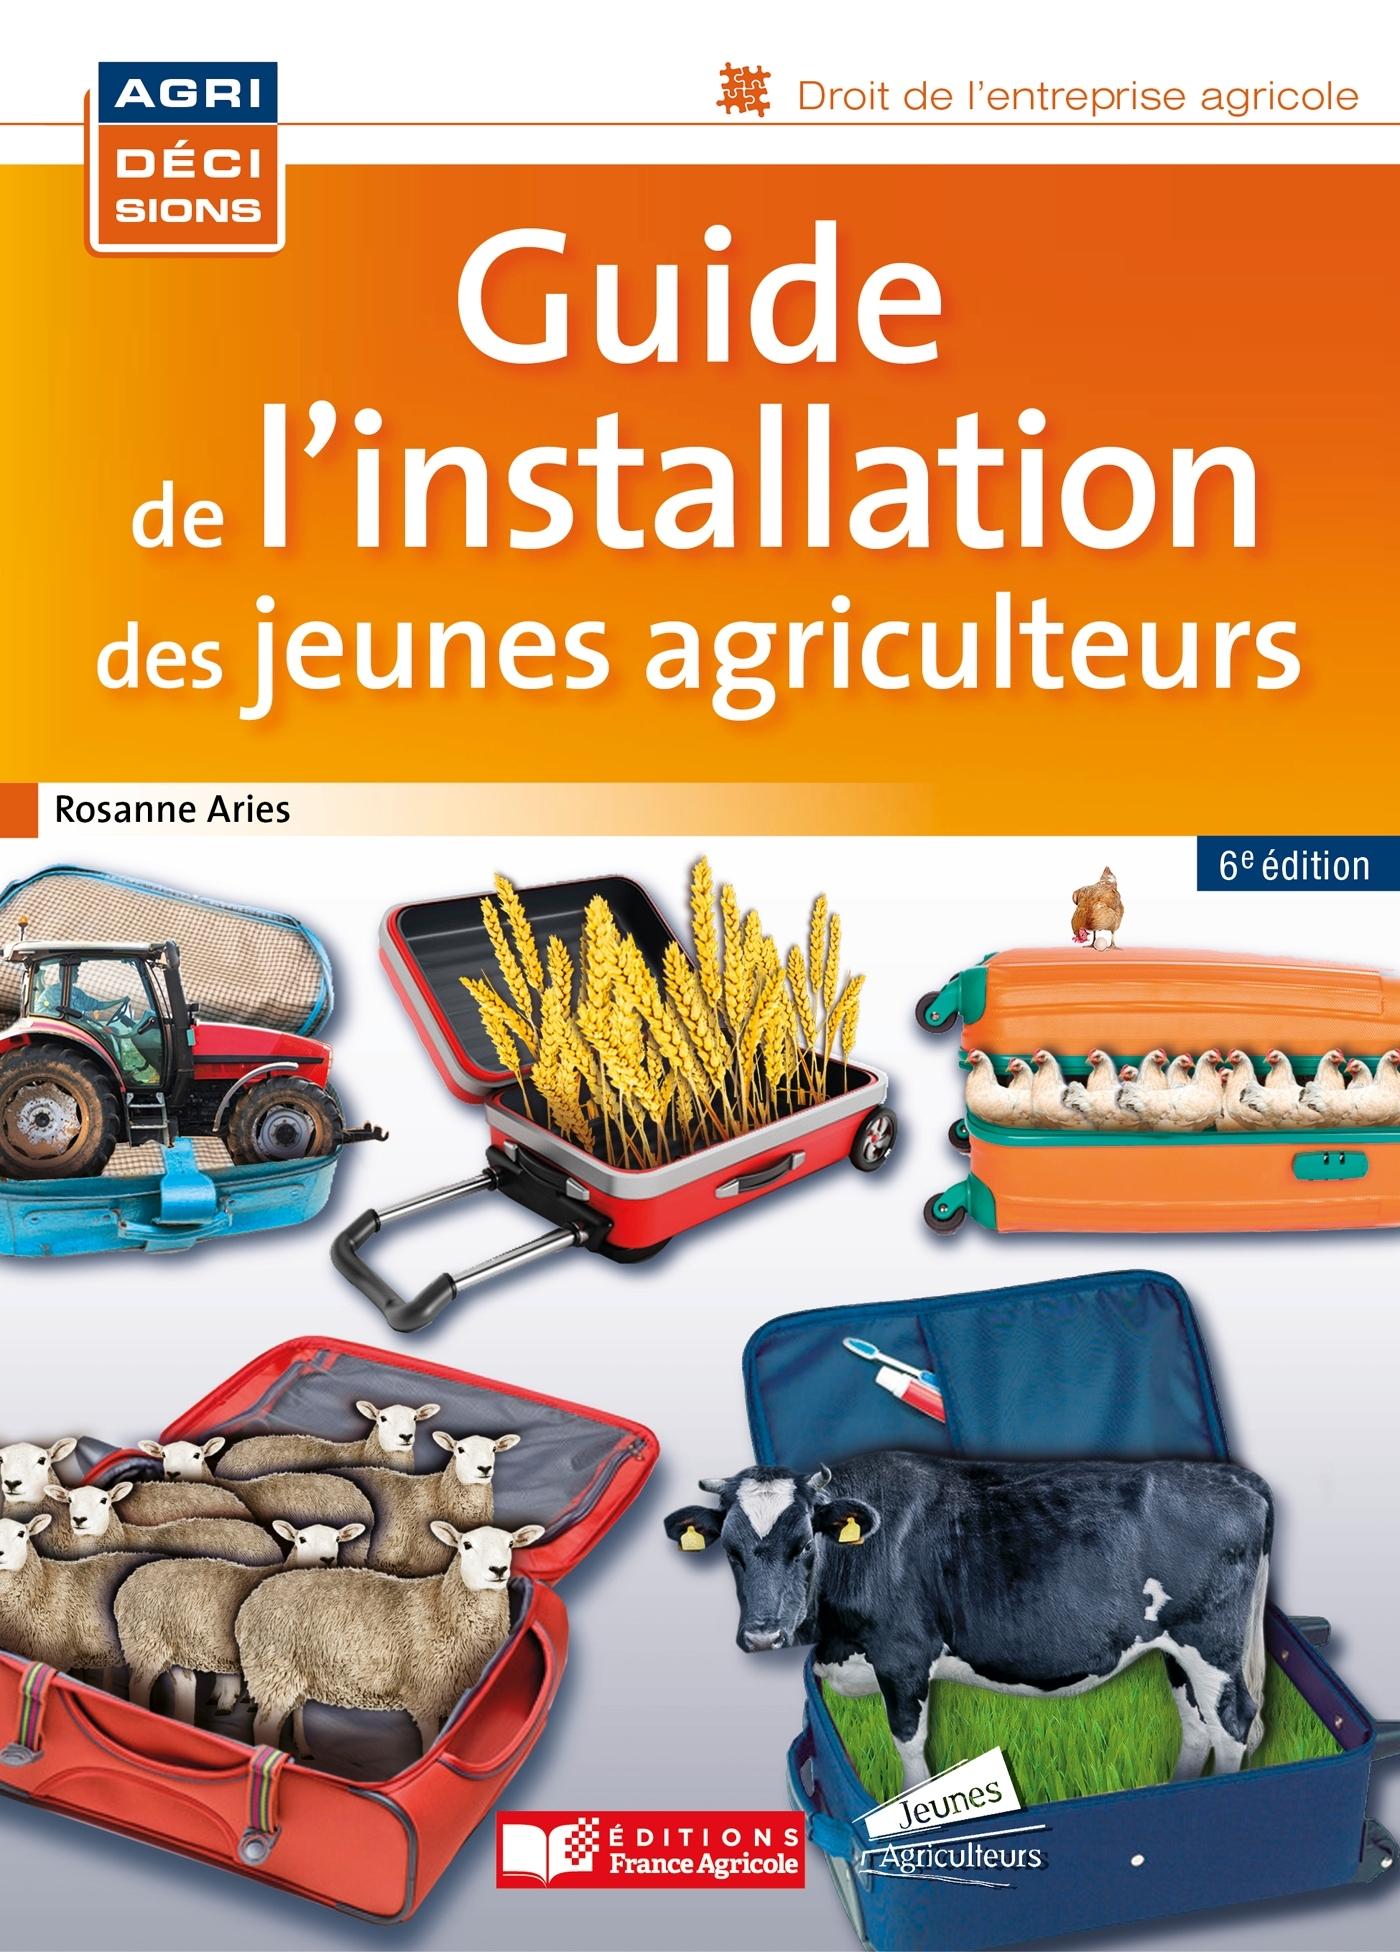 GUIDE DE L'INSTALLATION DES JEUNES AGRICULTEURS